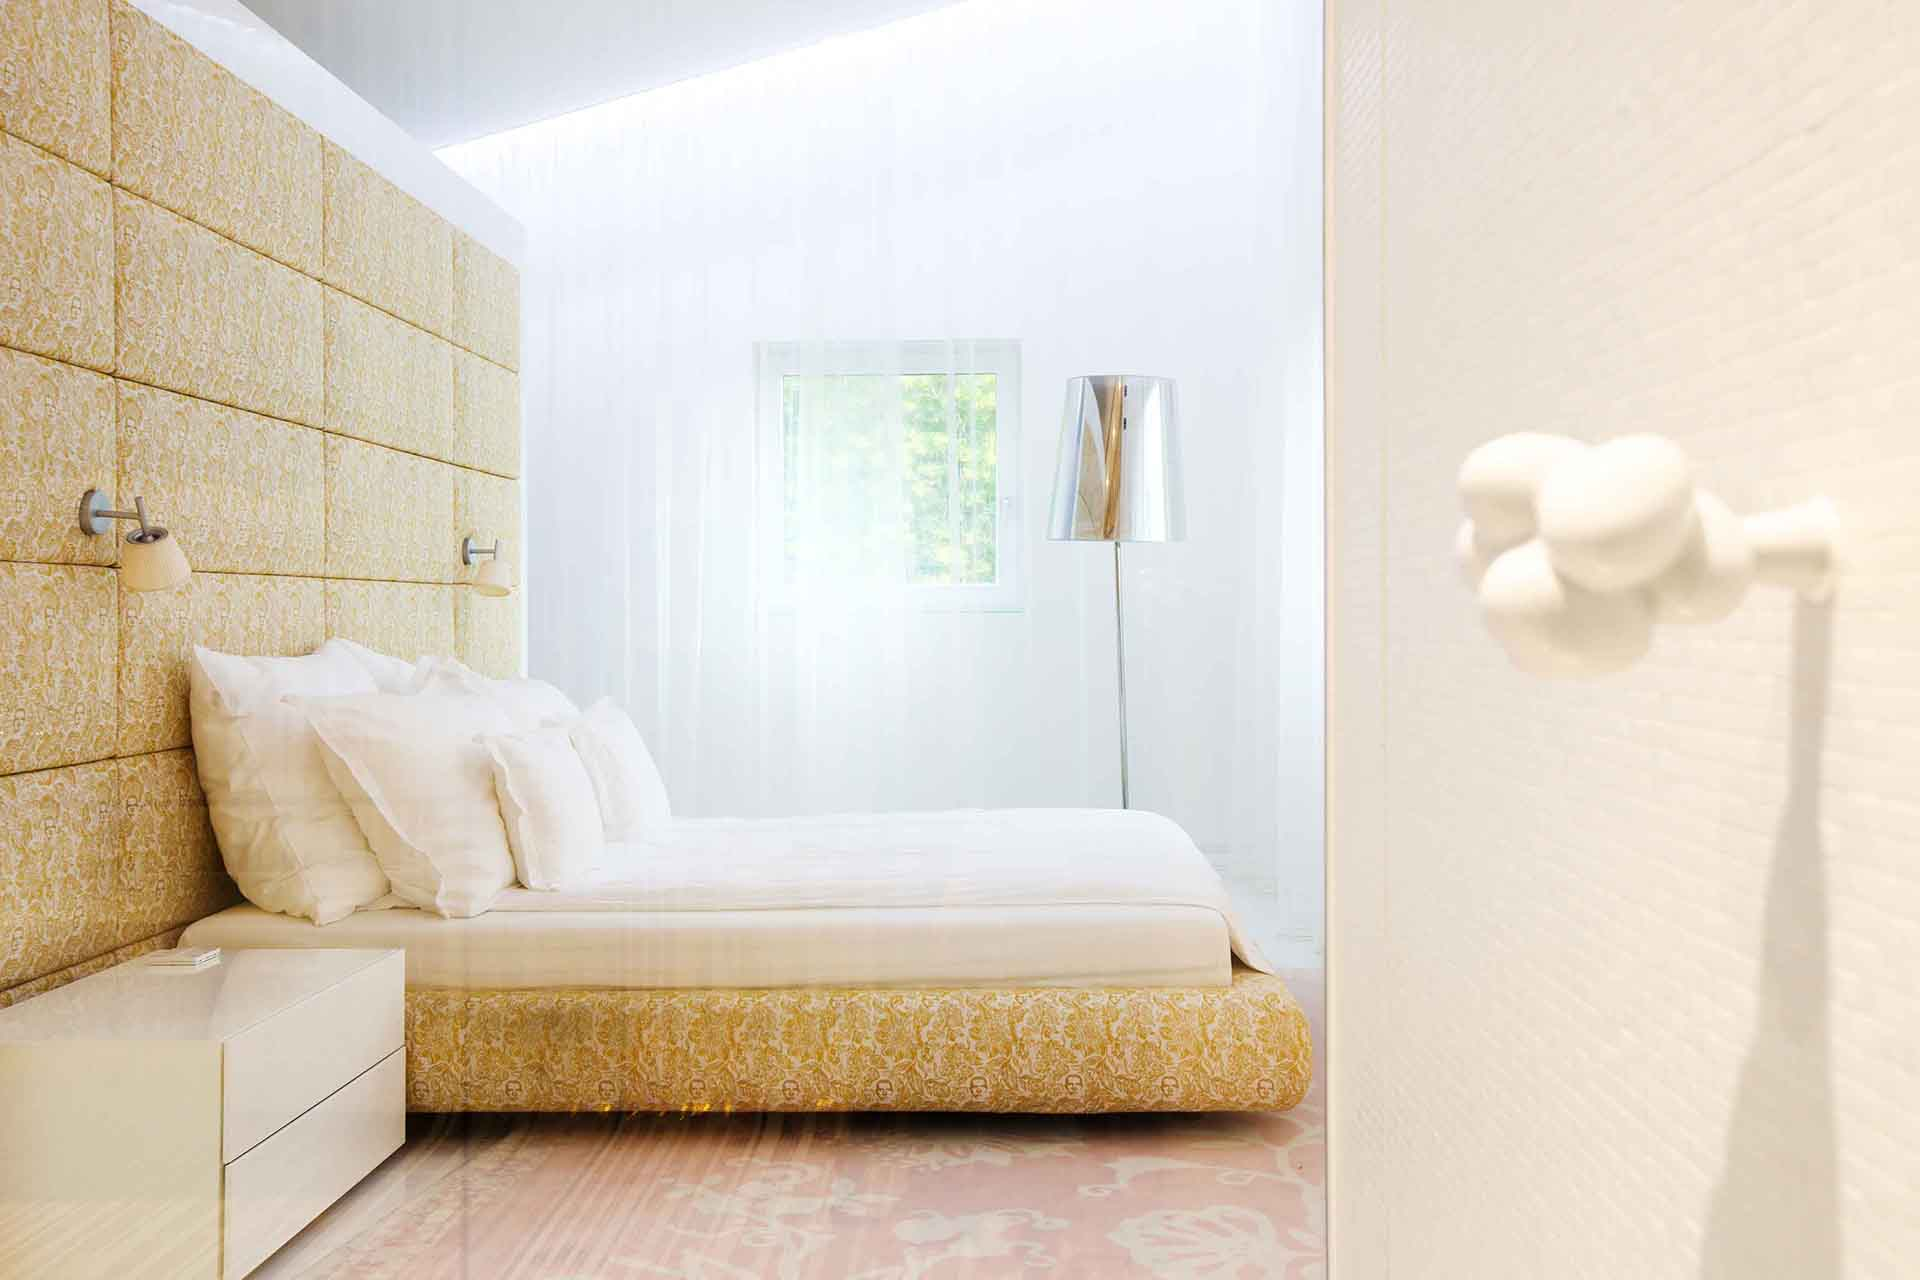 10 8 - Espectacular casa llena de originalidad y diseño en Son Vida, Palma de Mallorca